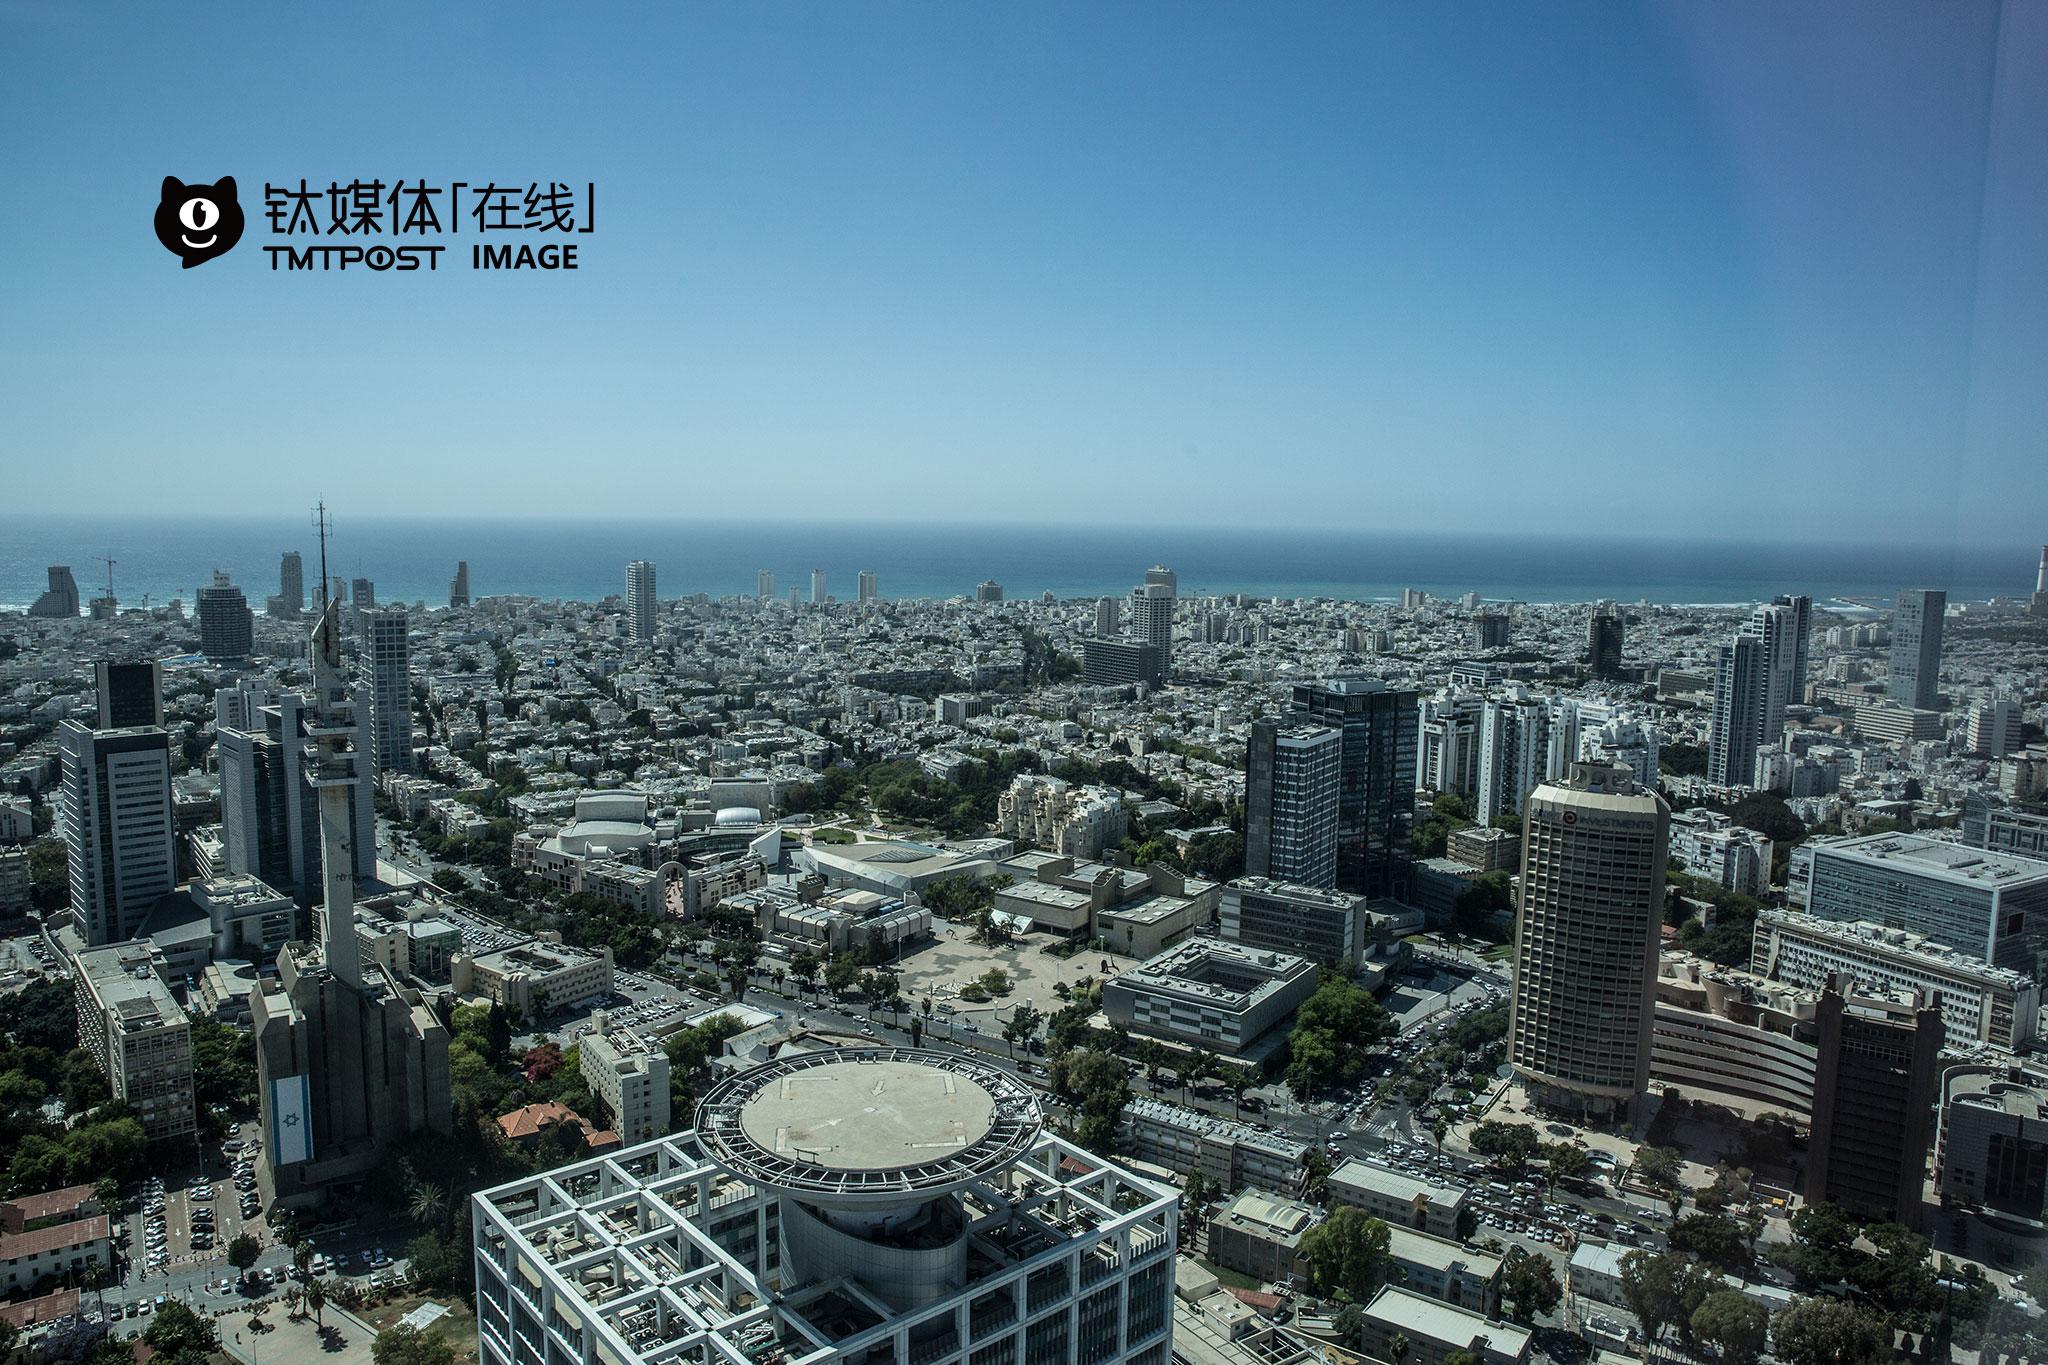 """位于地中海东岸的特拉维夫,是以色列第二大城市,也是以色列的经济中心,被称为以色列的""""硅谷""""。在特拉维夫,每平方公里有将近20家创业公司,城市人口的1/3年龄介于18-35岁。这里也被列为中东生活费用最昂贵的大城市之一。"""